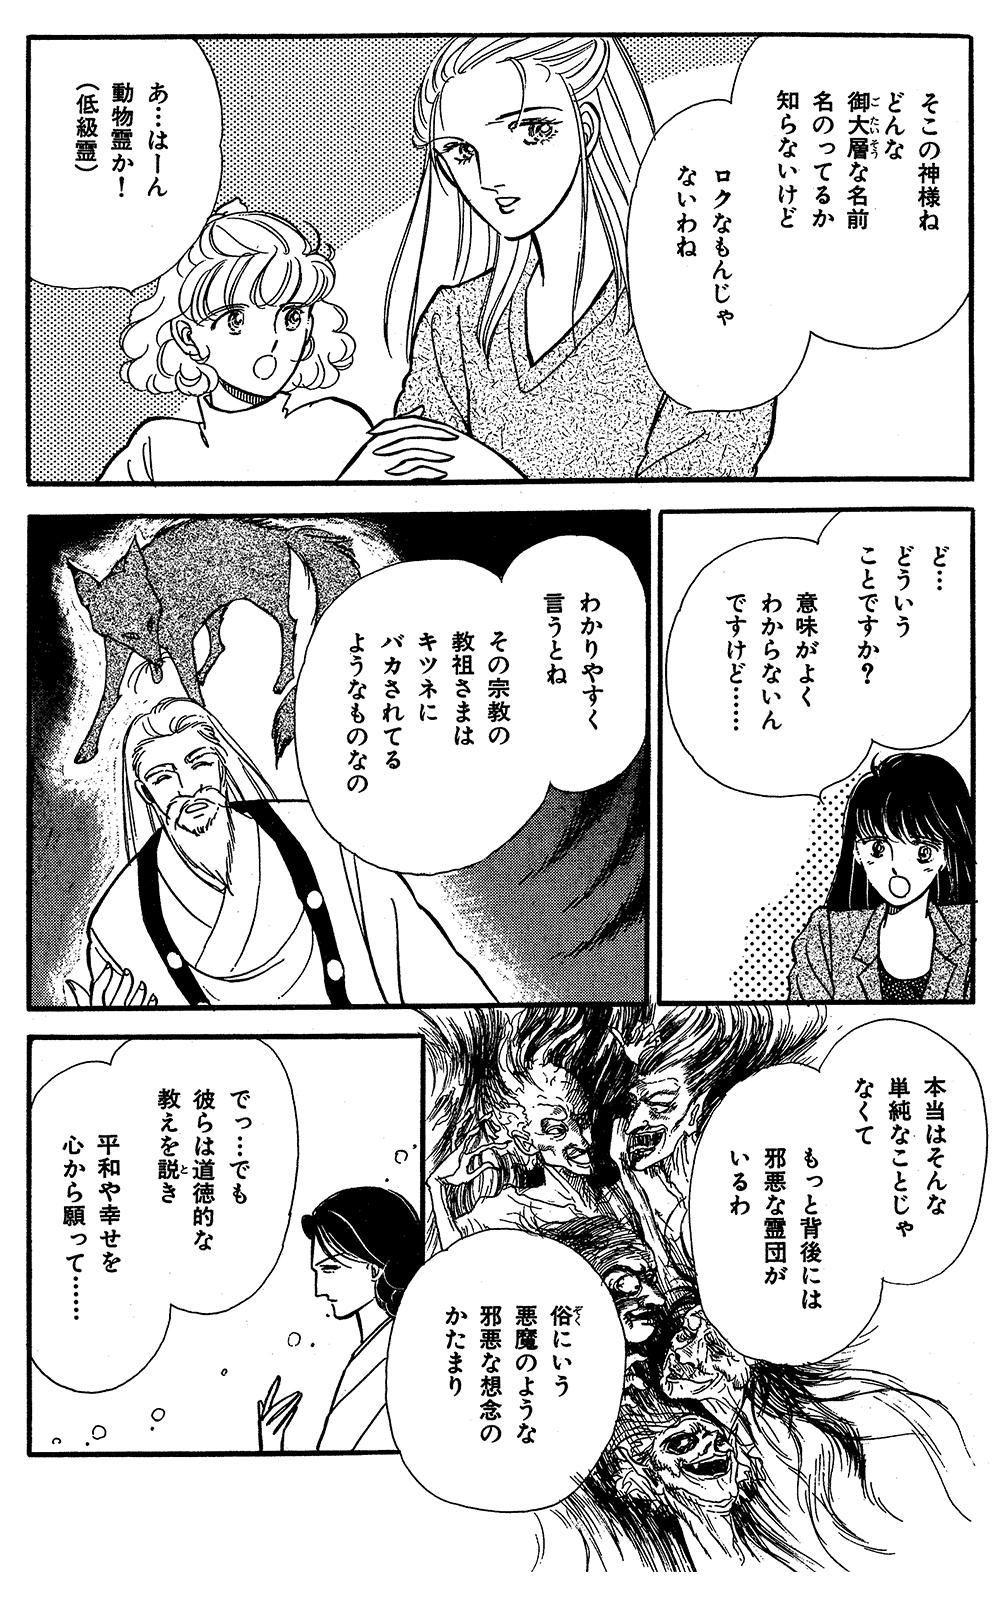 魔百合の恐怖報告  第2話「消えた黒猫」②mayuri08-03.jpg